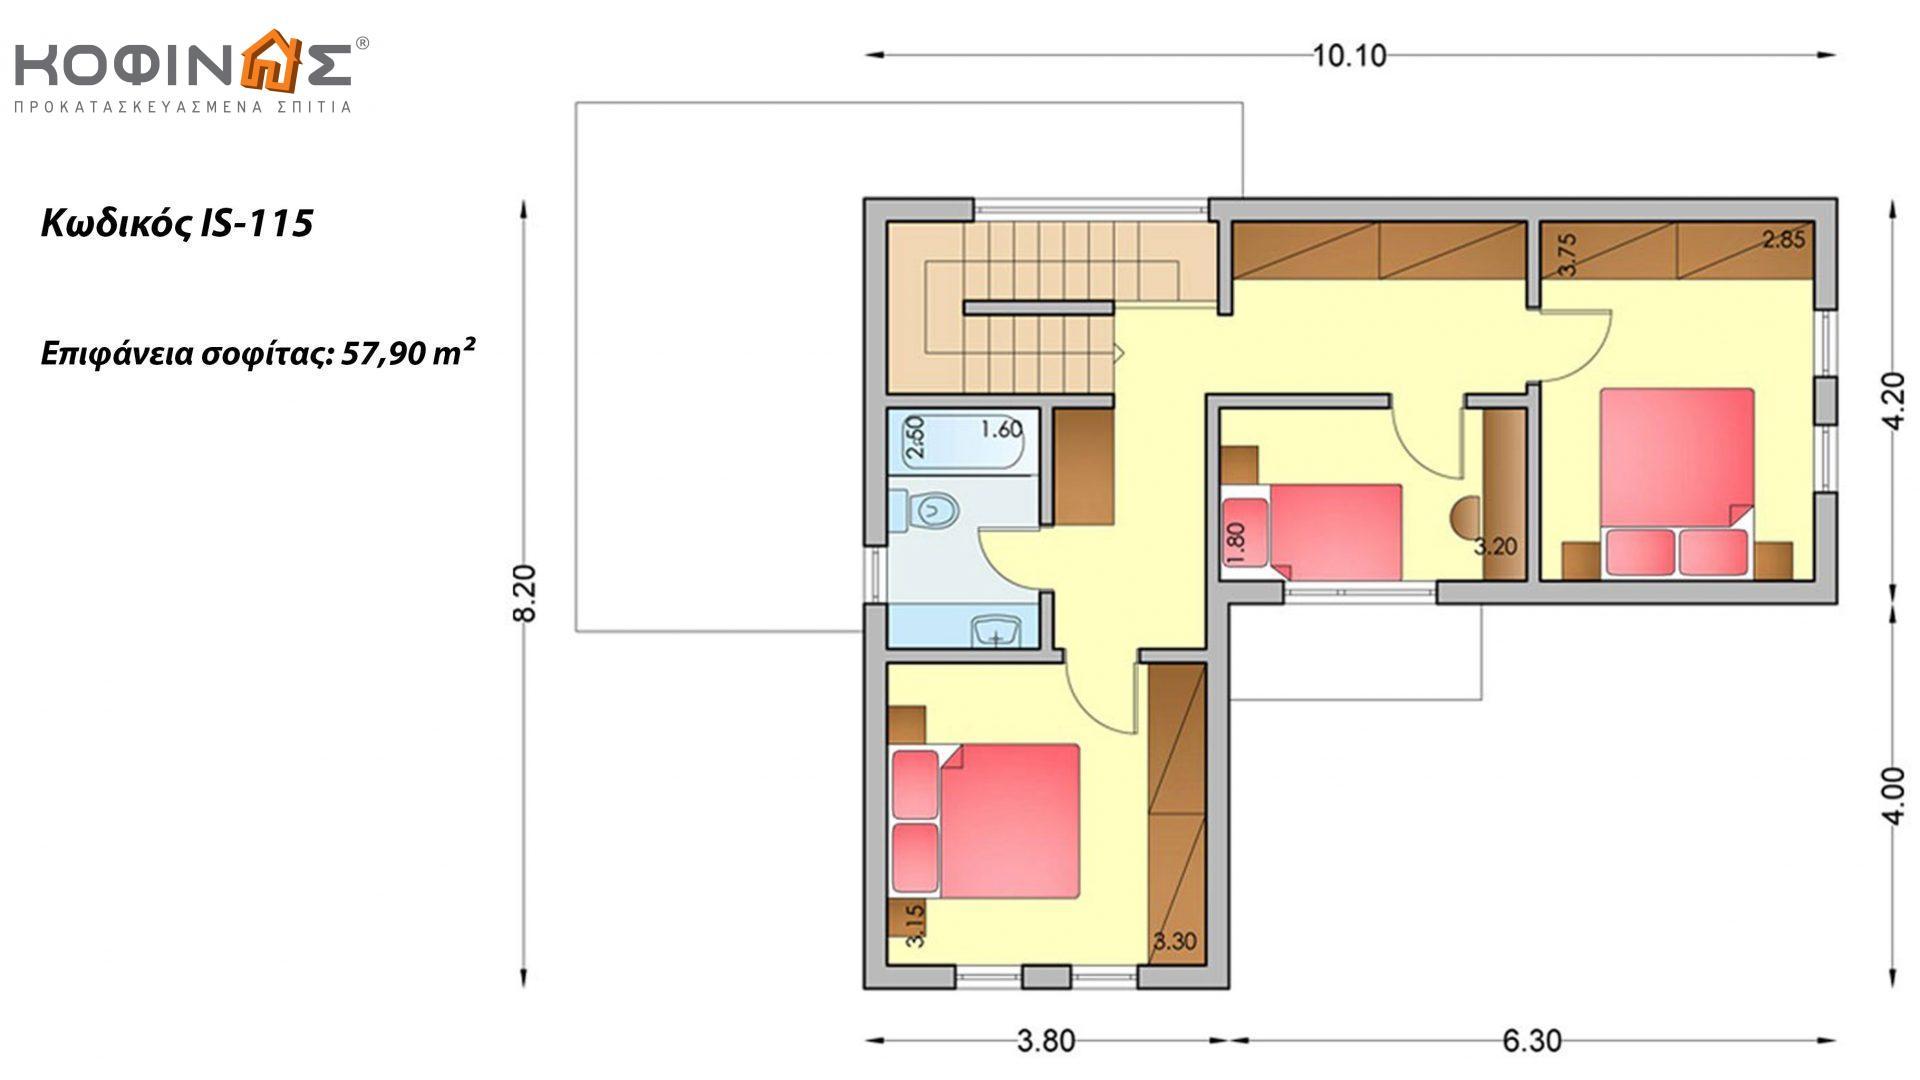 Ισόγεια Κατοικία με Σοφίτα IS-115, συνολικής επιφάνειας 115,80 τ.μ. ,συνολική επιφάνεια στεγασμένων χώρων 23,03 τ.μ.